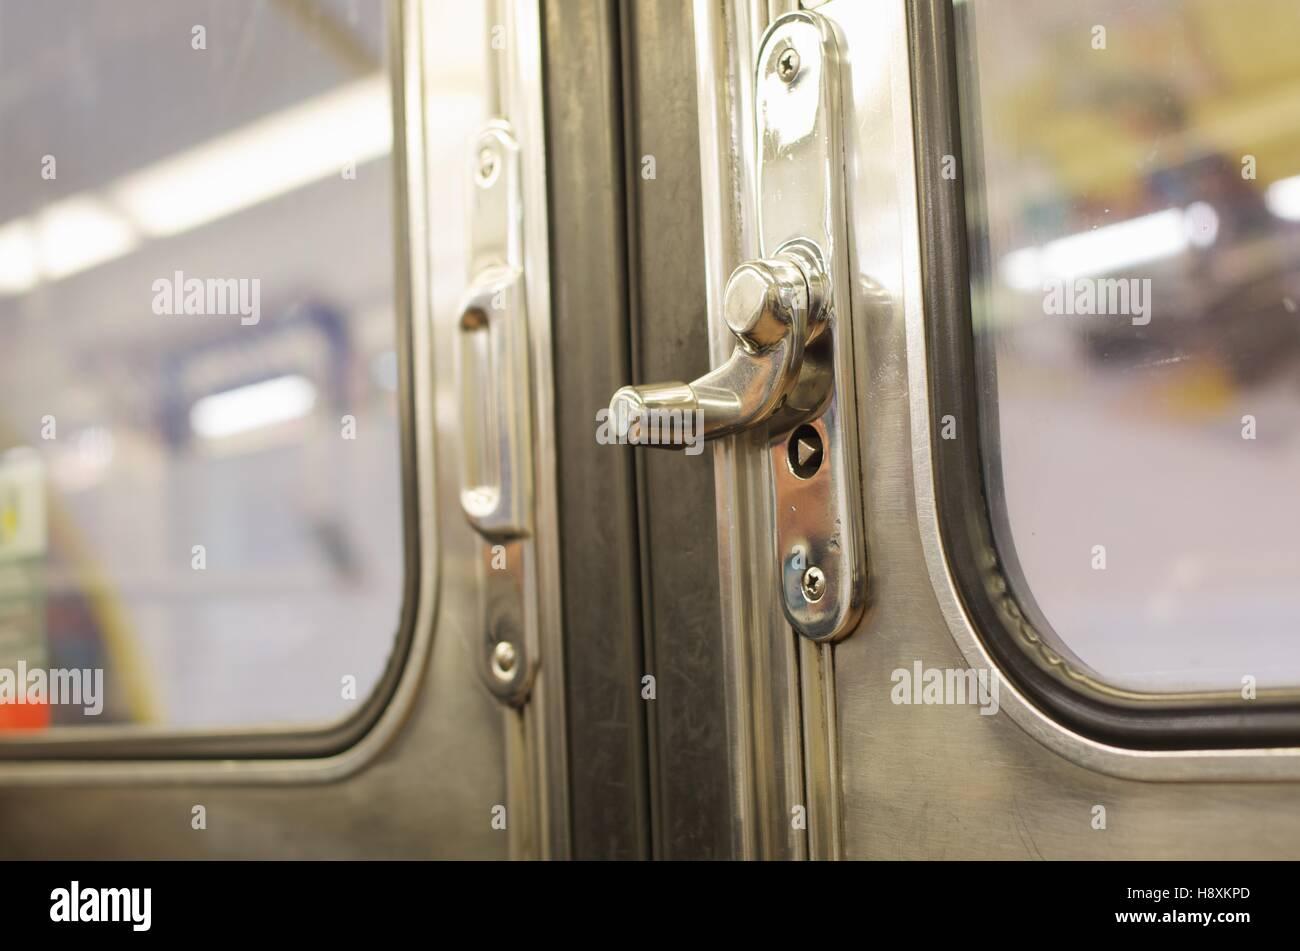 Paris Metro Train Door Handles